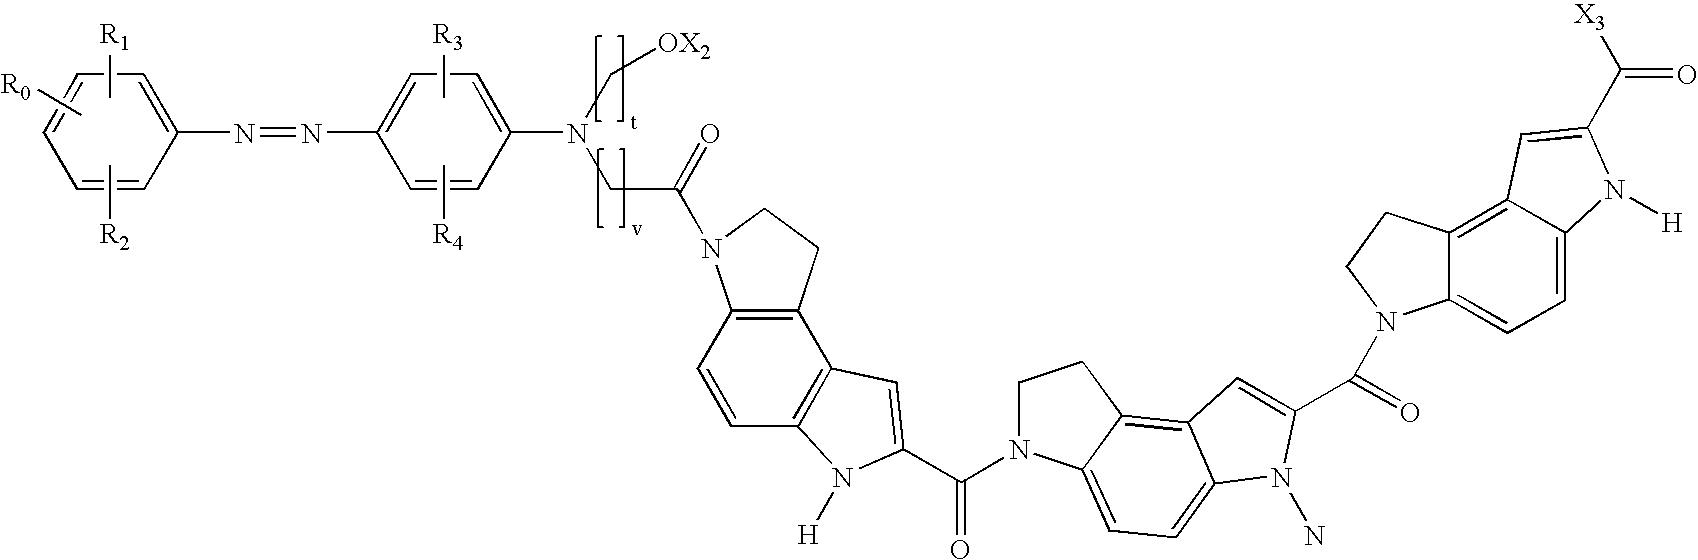 Figure US20040191796A1-20040930-C00057